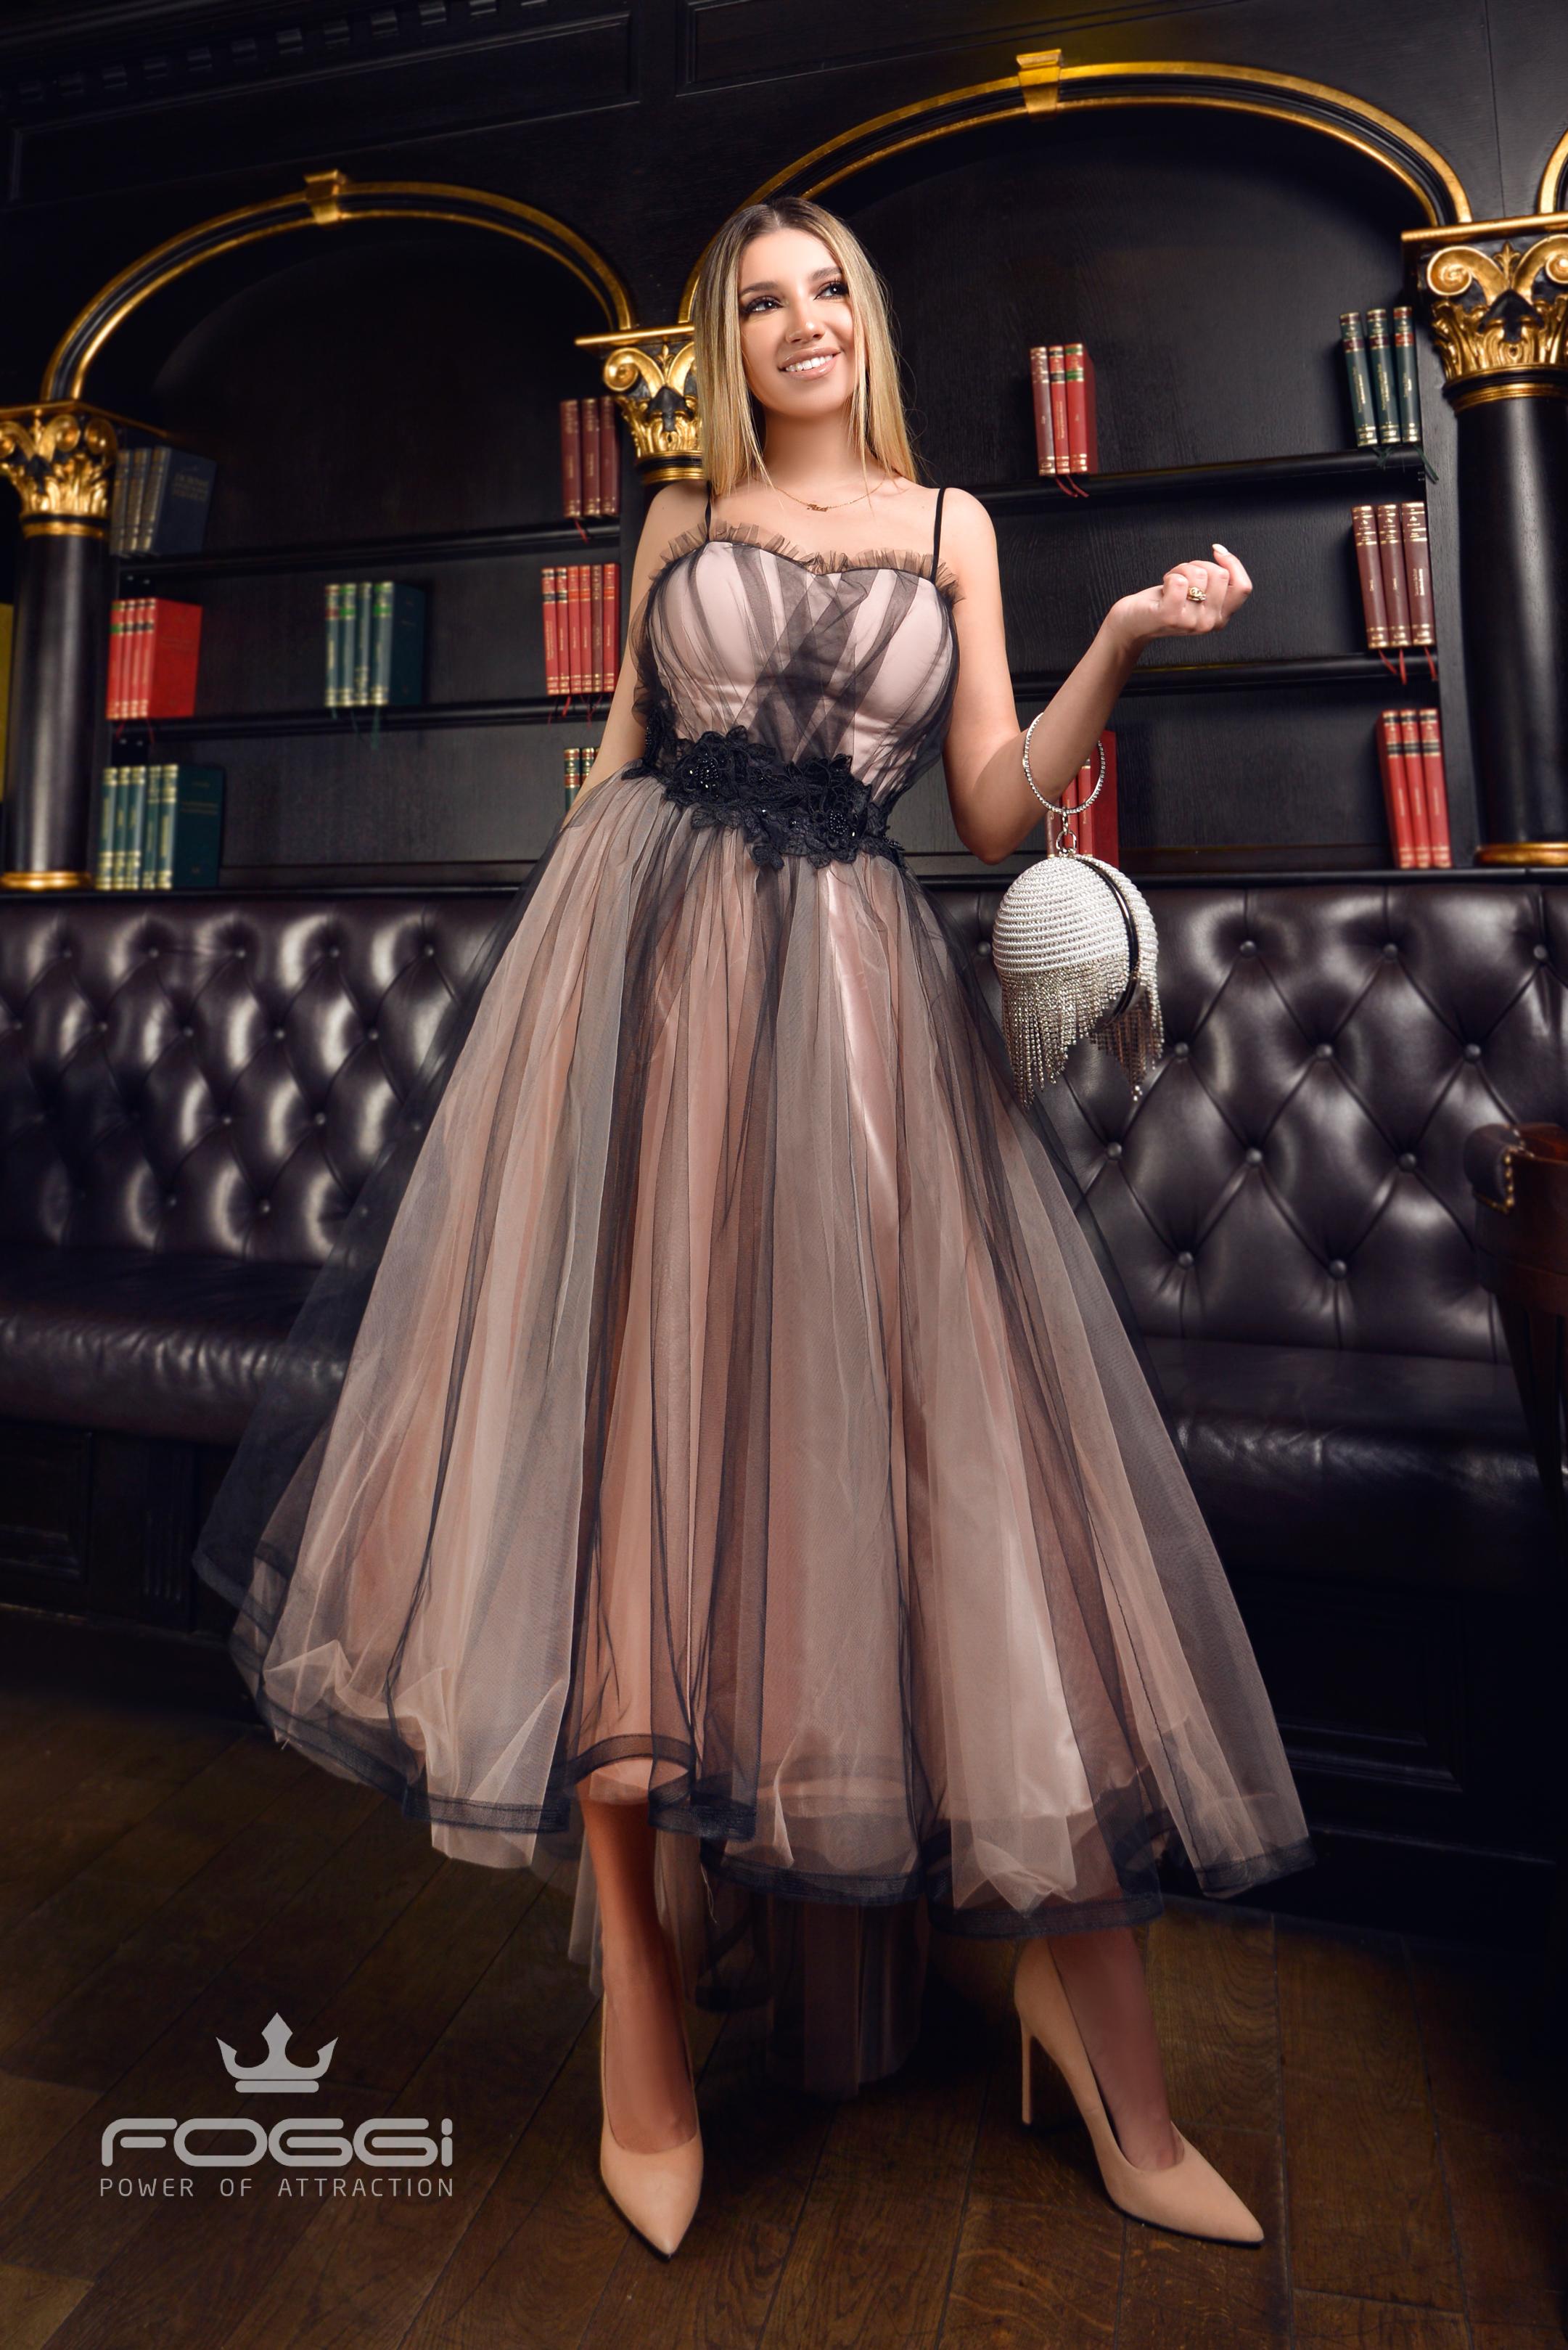 Sugestii de rochii pentru cununia civilă